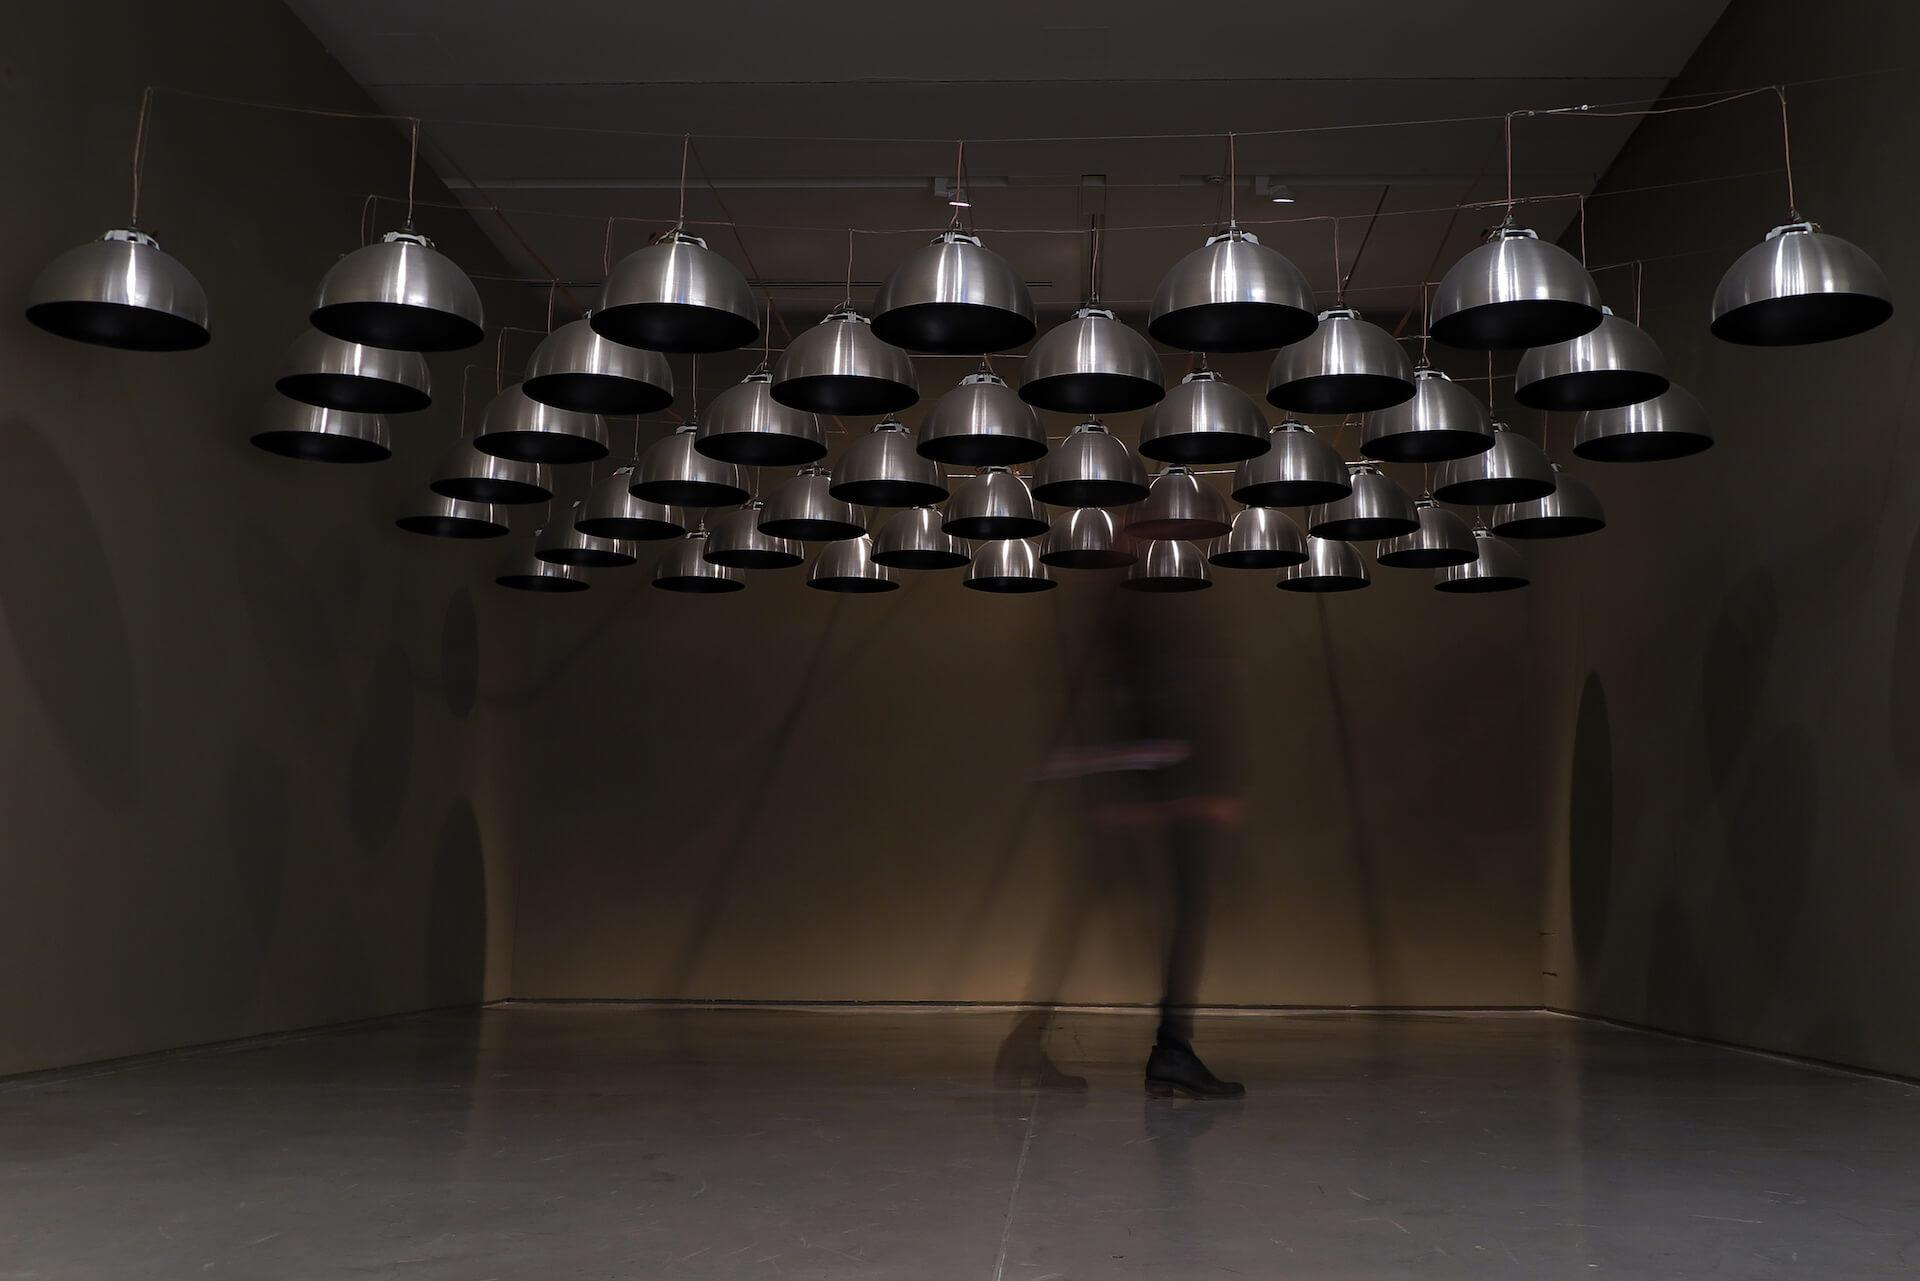 מיצב הקול People You May Know, הוצג במוזיאון ישראל, 2015, כחלק מהתערוכה 'קיצור תולדות האנושות'